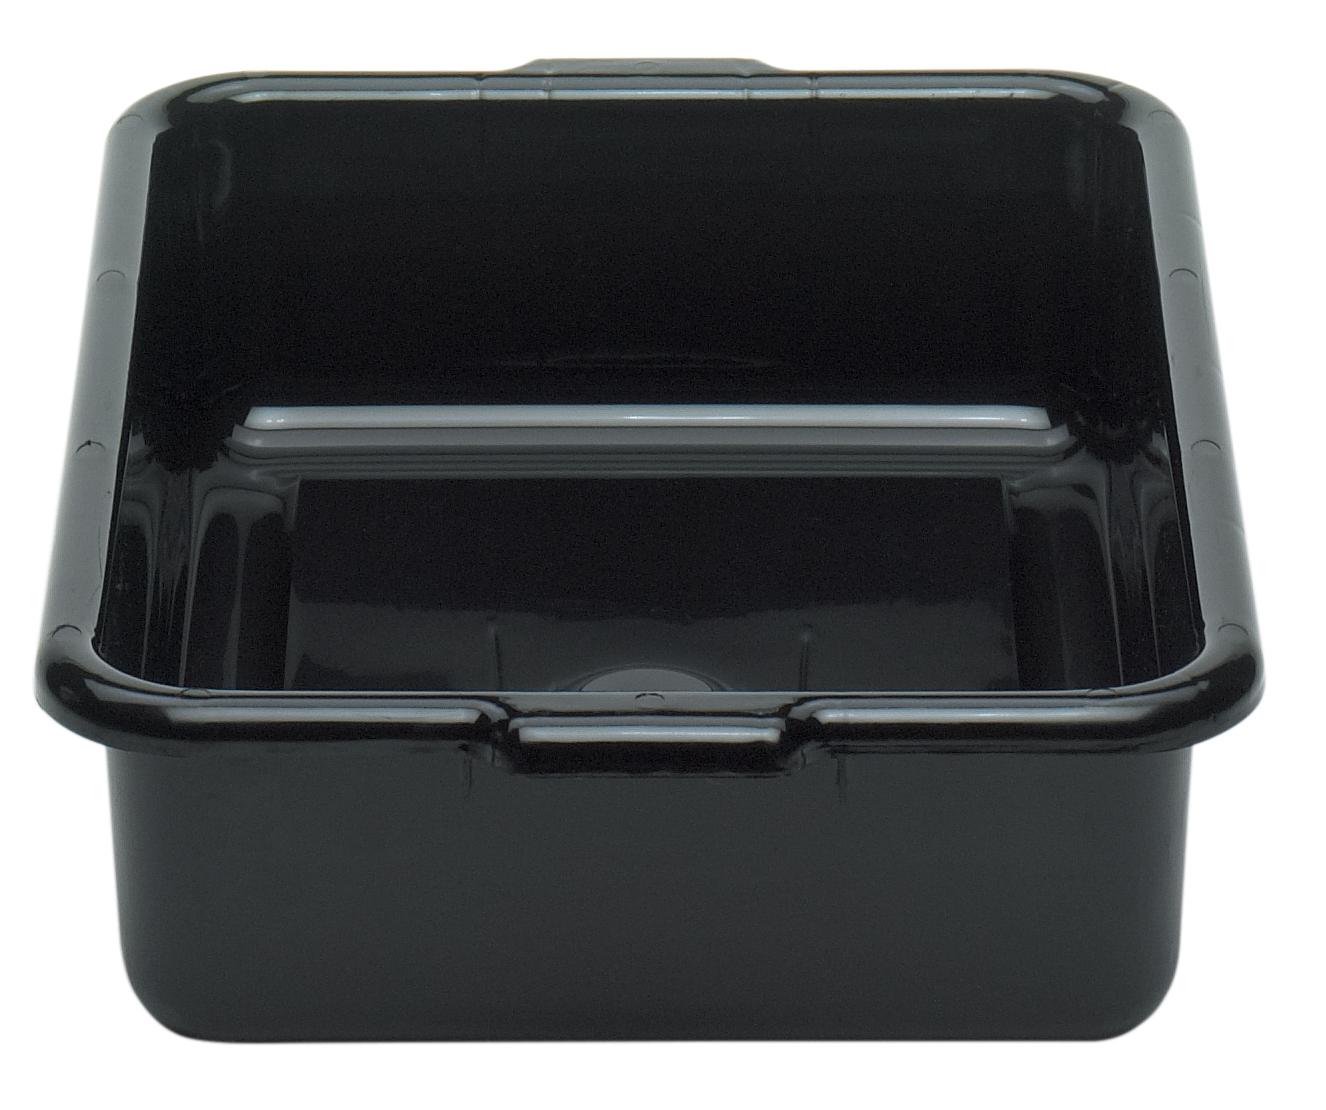 Cambro 21155CBR110 food/beverage storage container